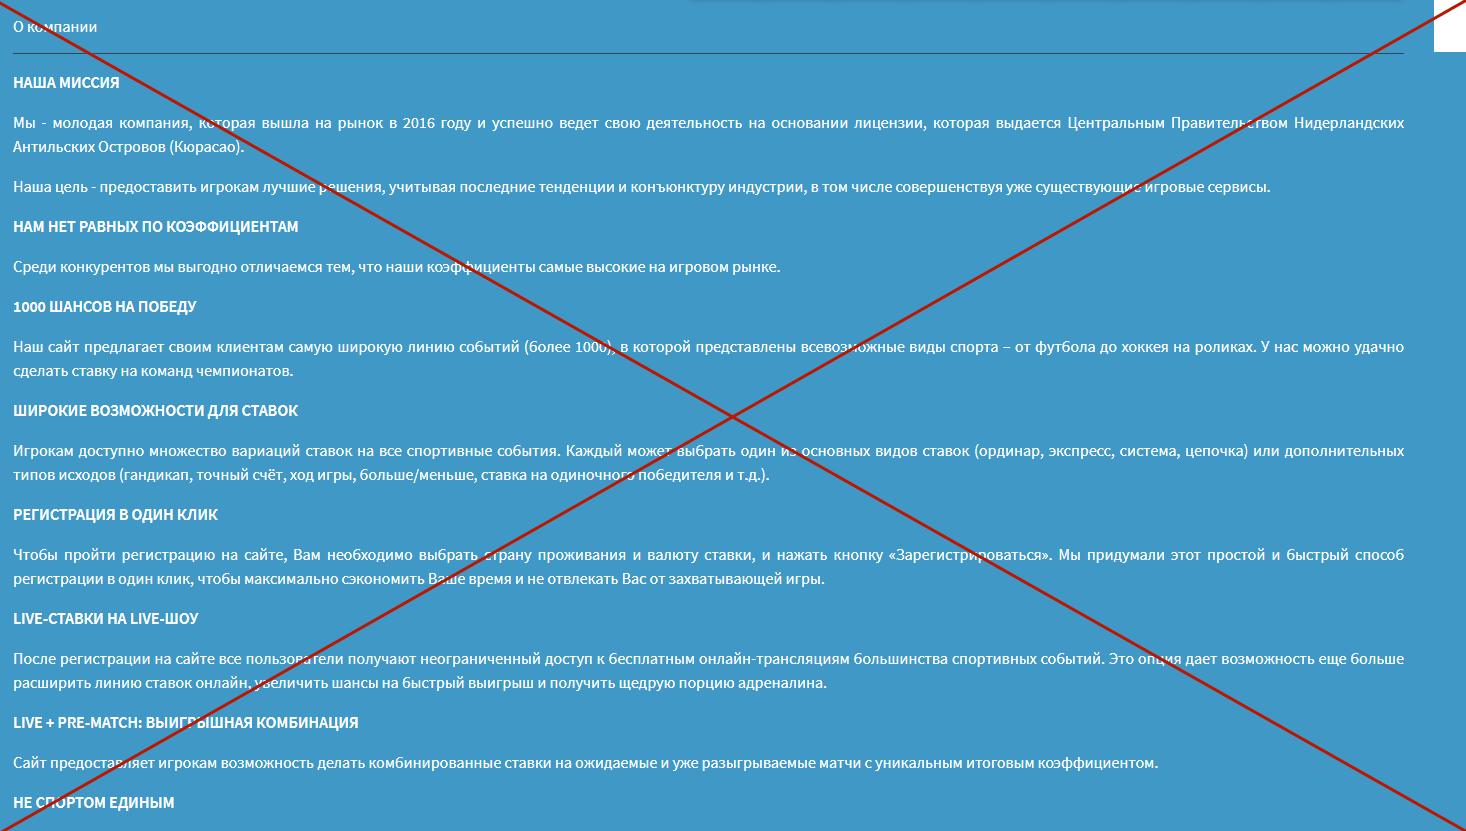 https://marafon0nline.ru.com отзывы